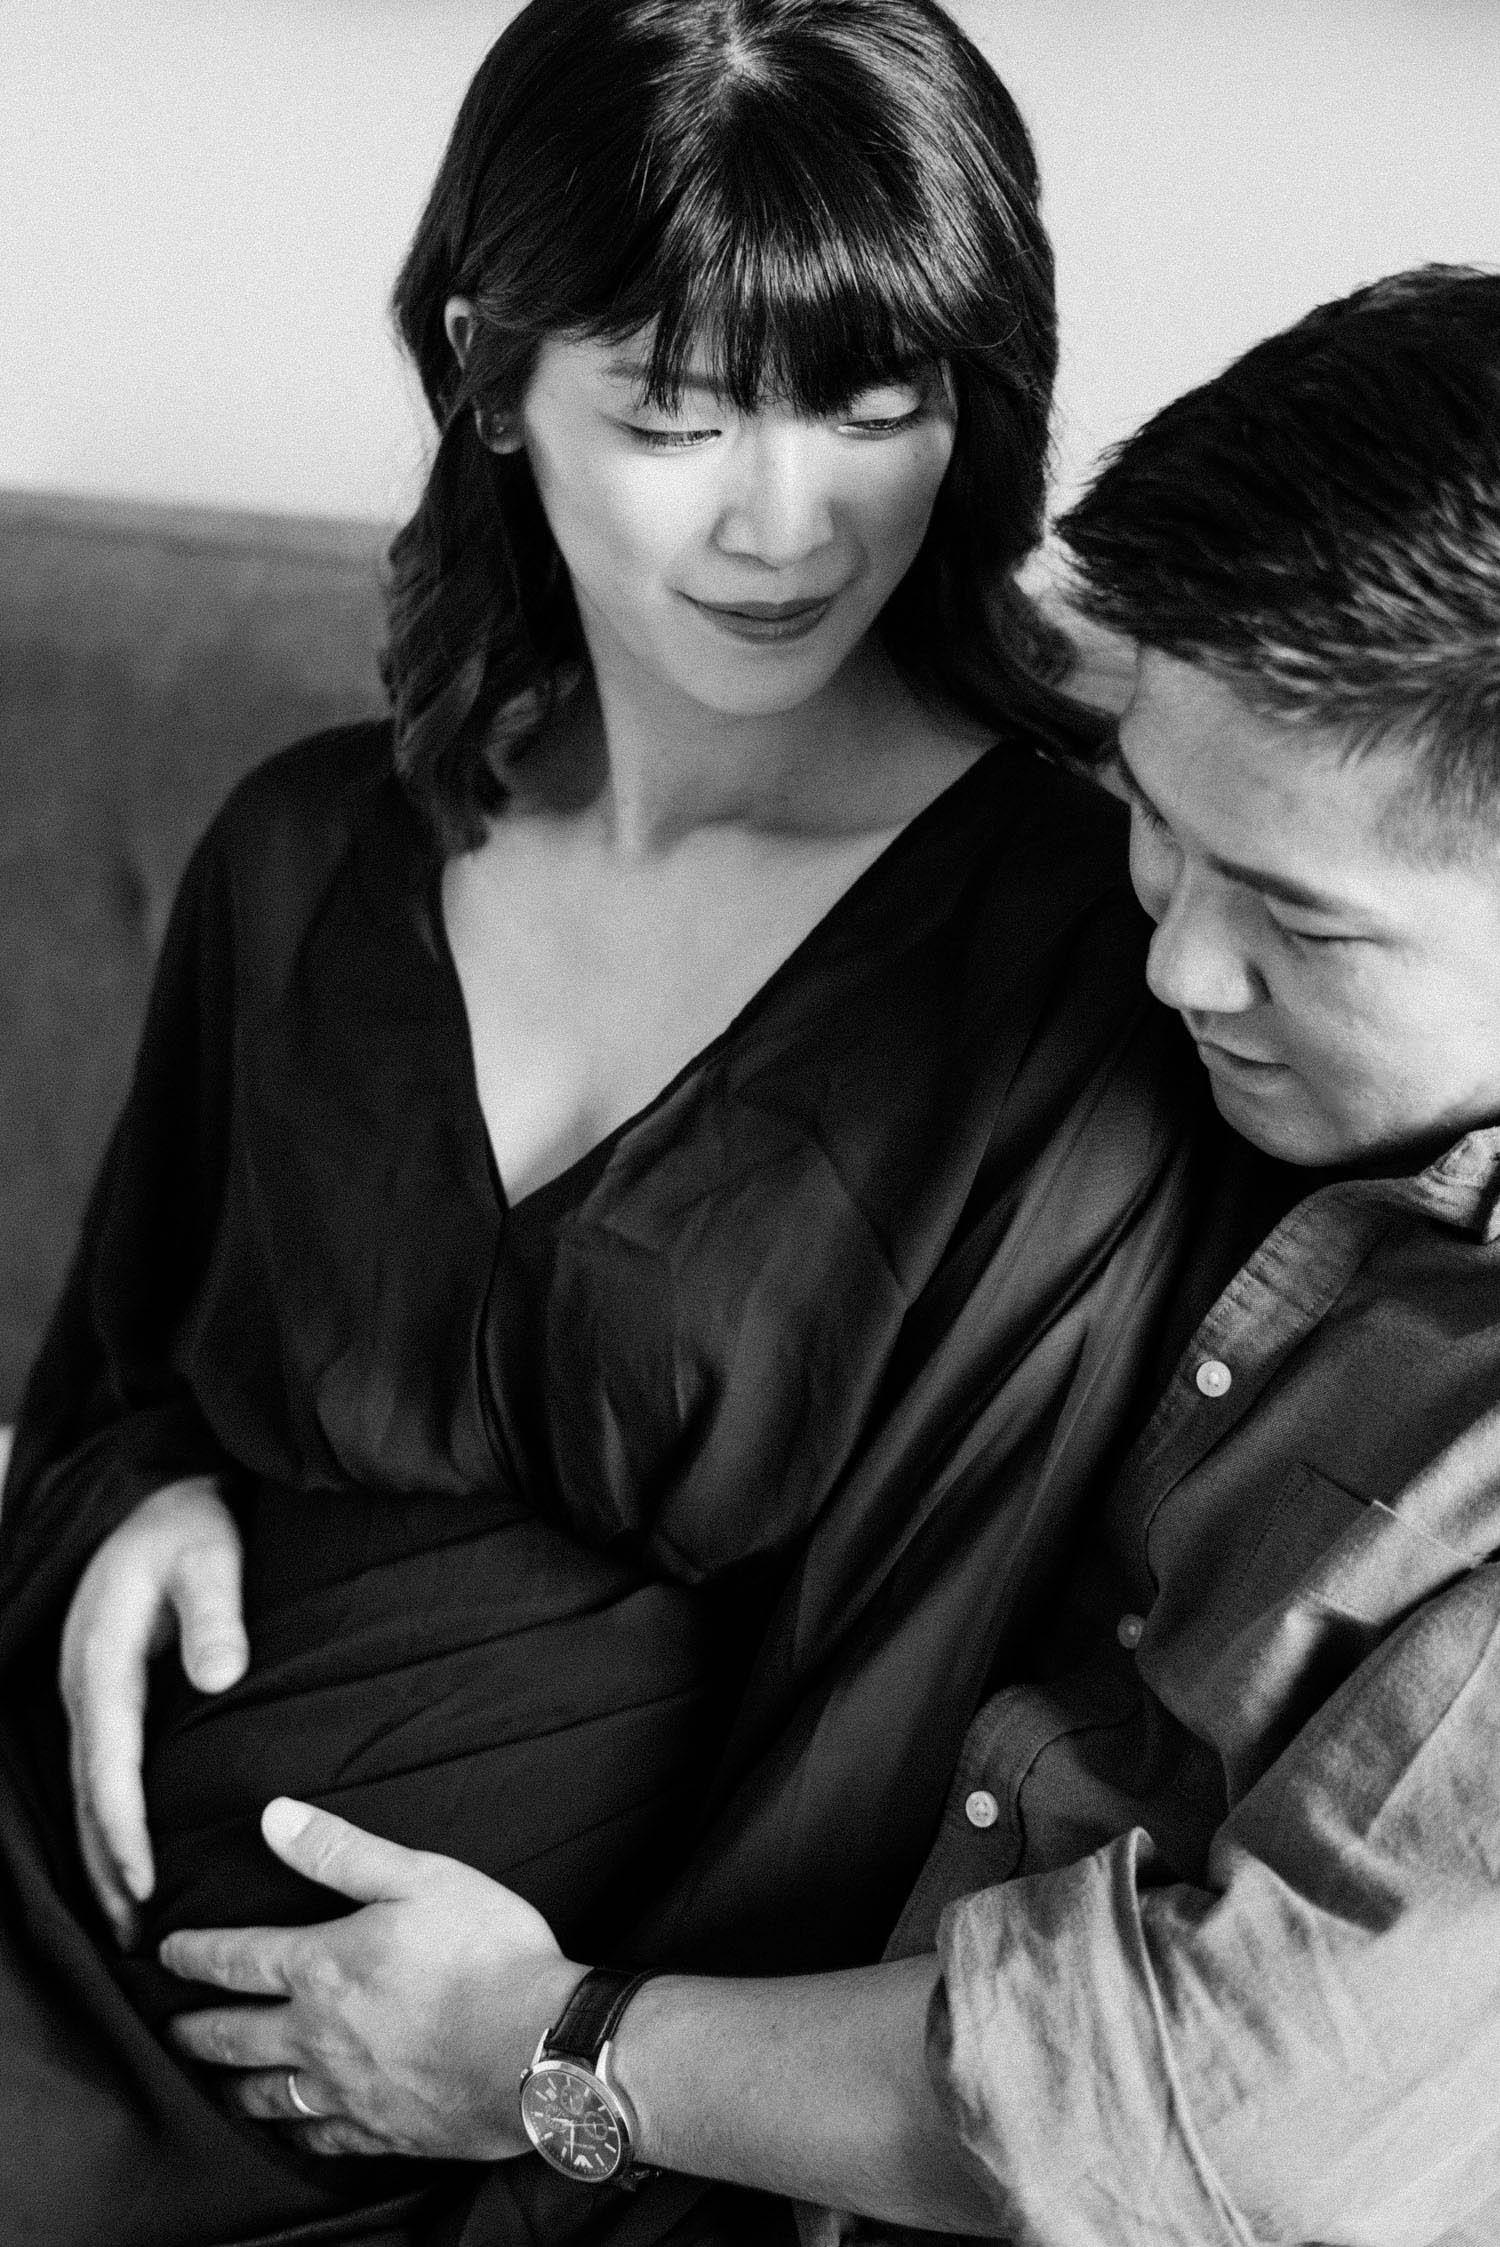 孕期寫真 底片 黑白照片 Maternity Mark Hong